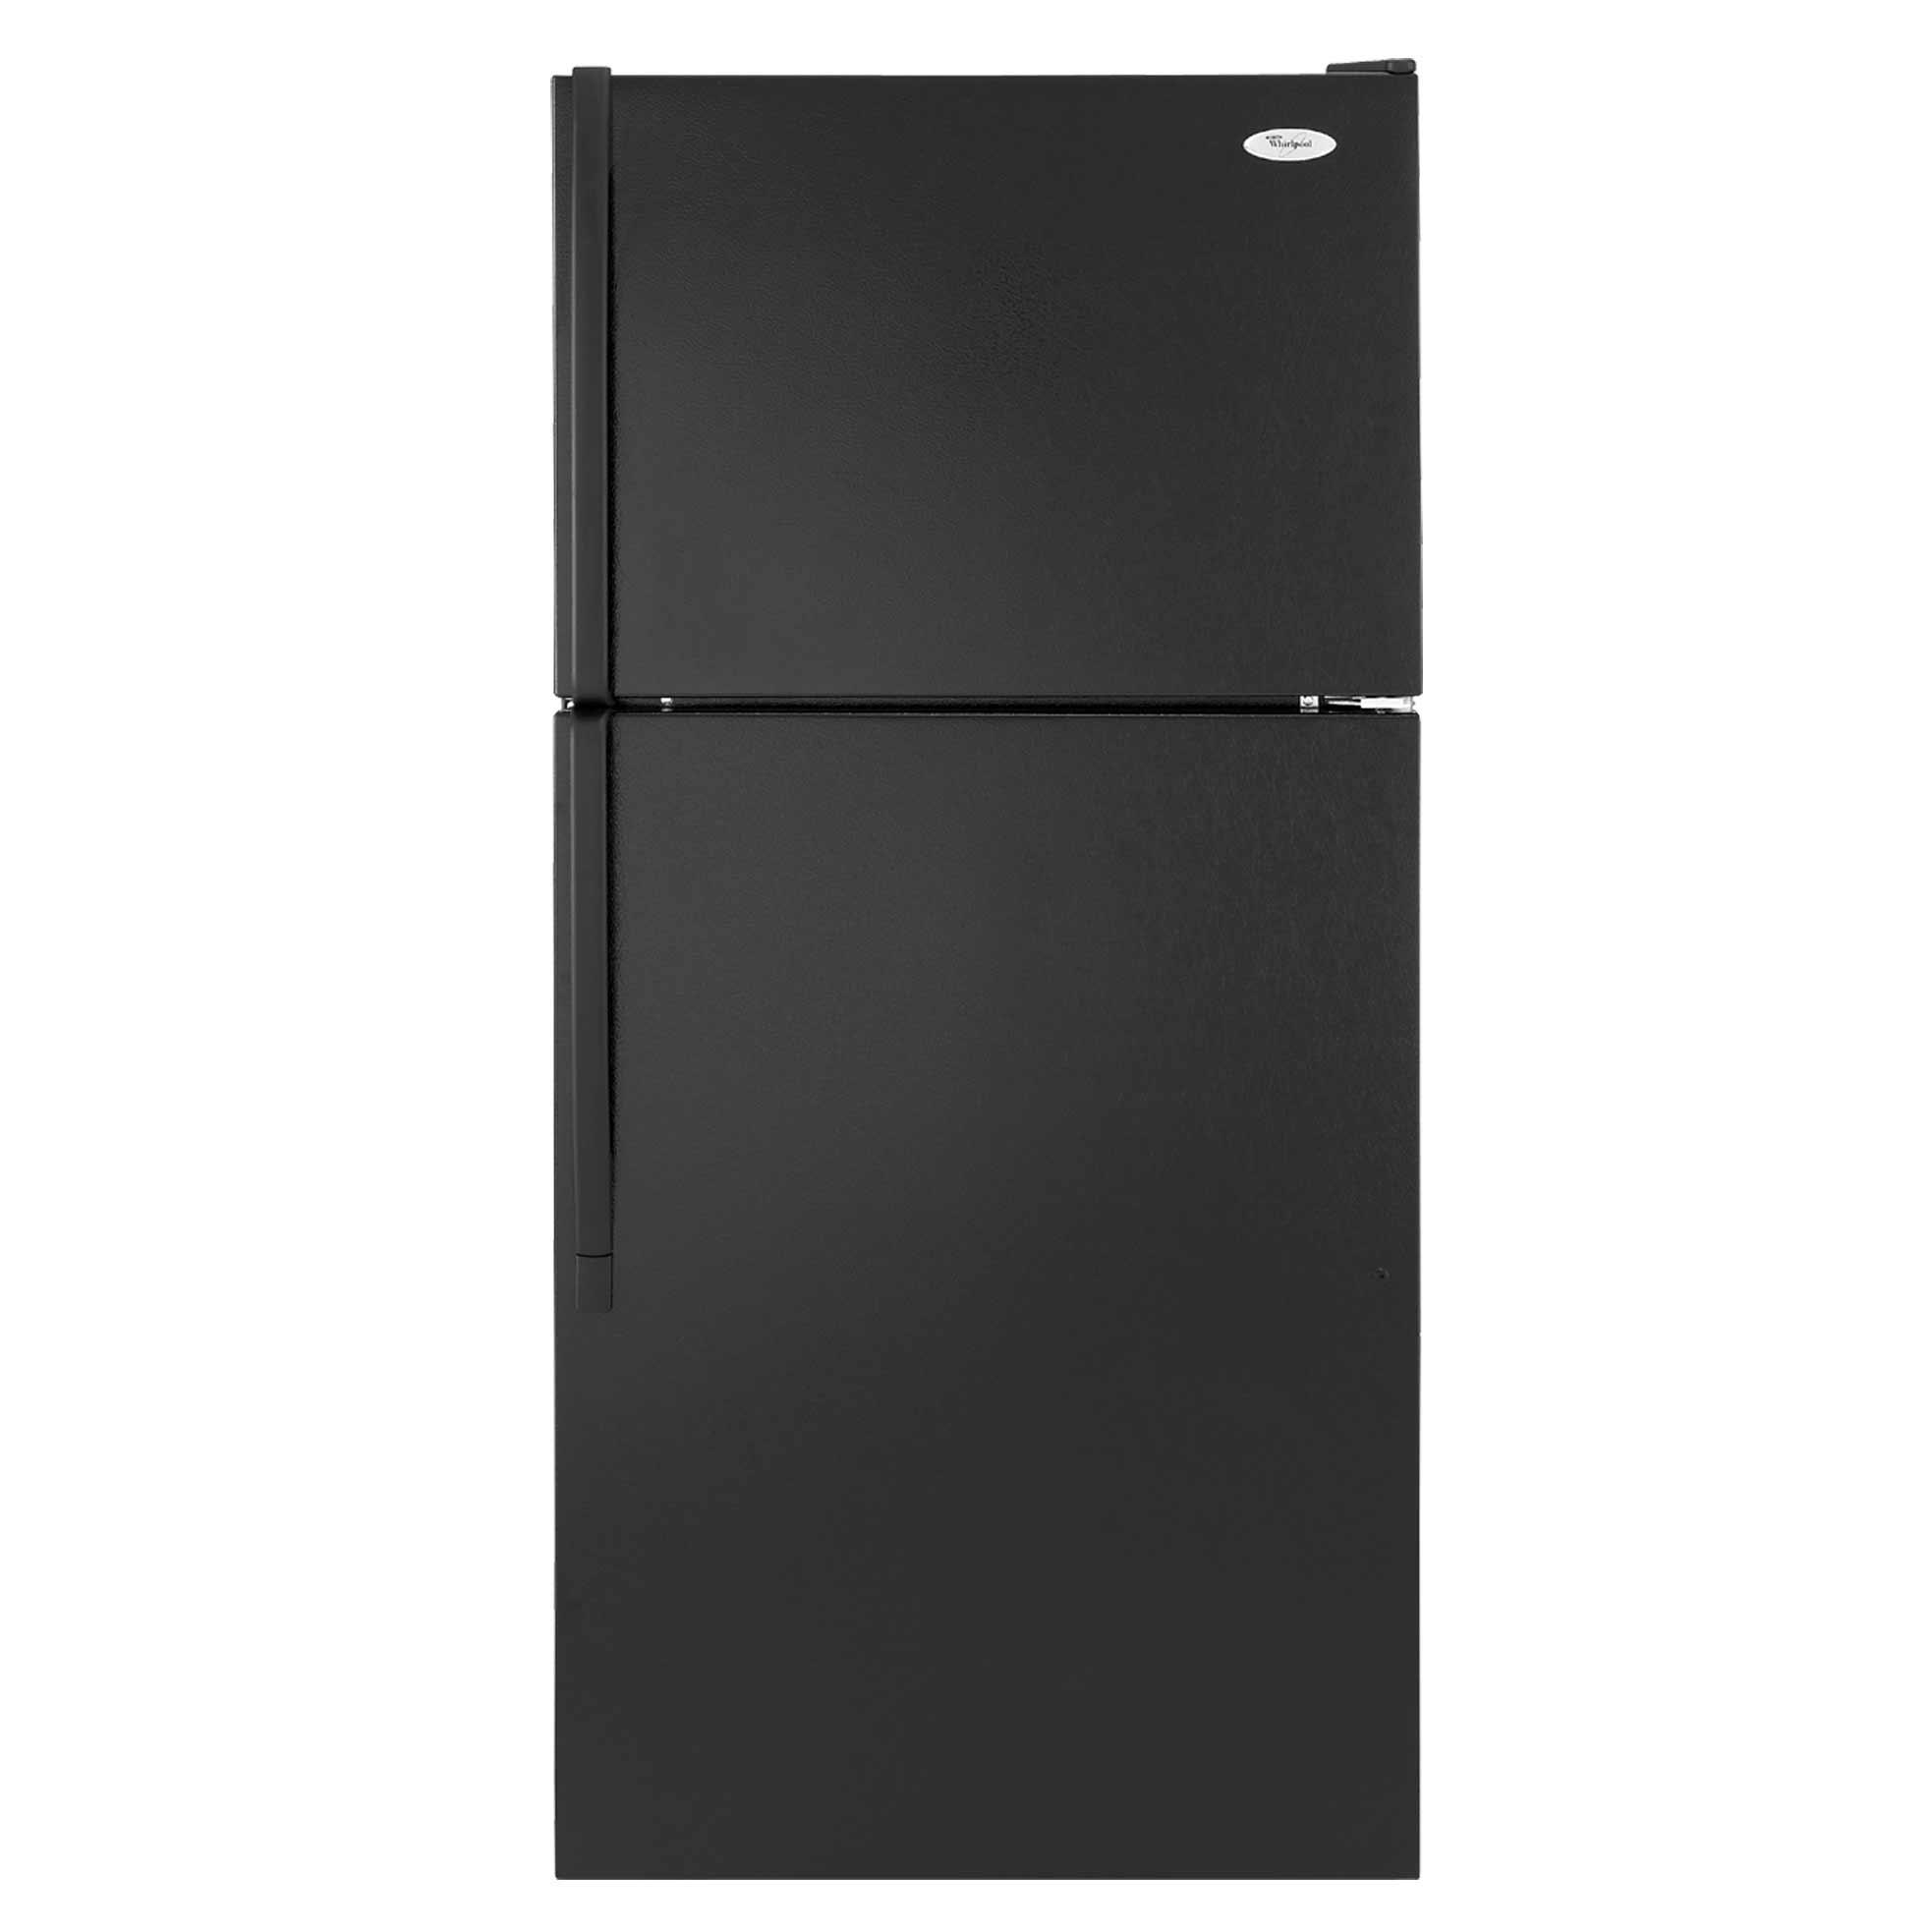 All Refrigerator No Freezer Canada Feel The Home